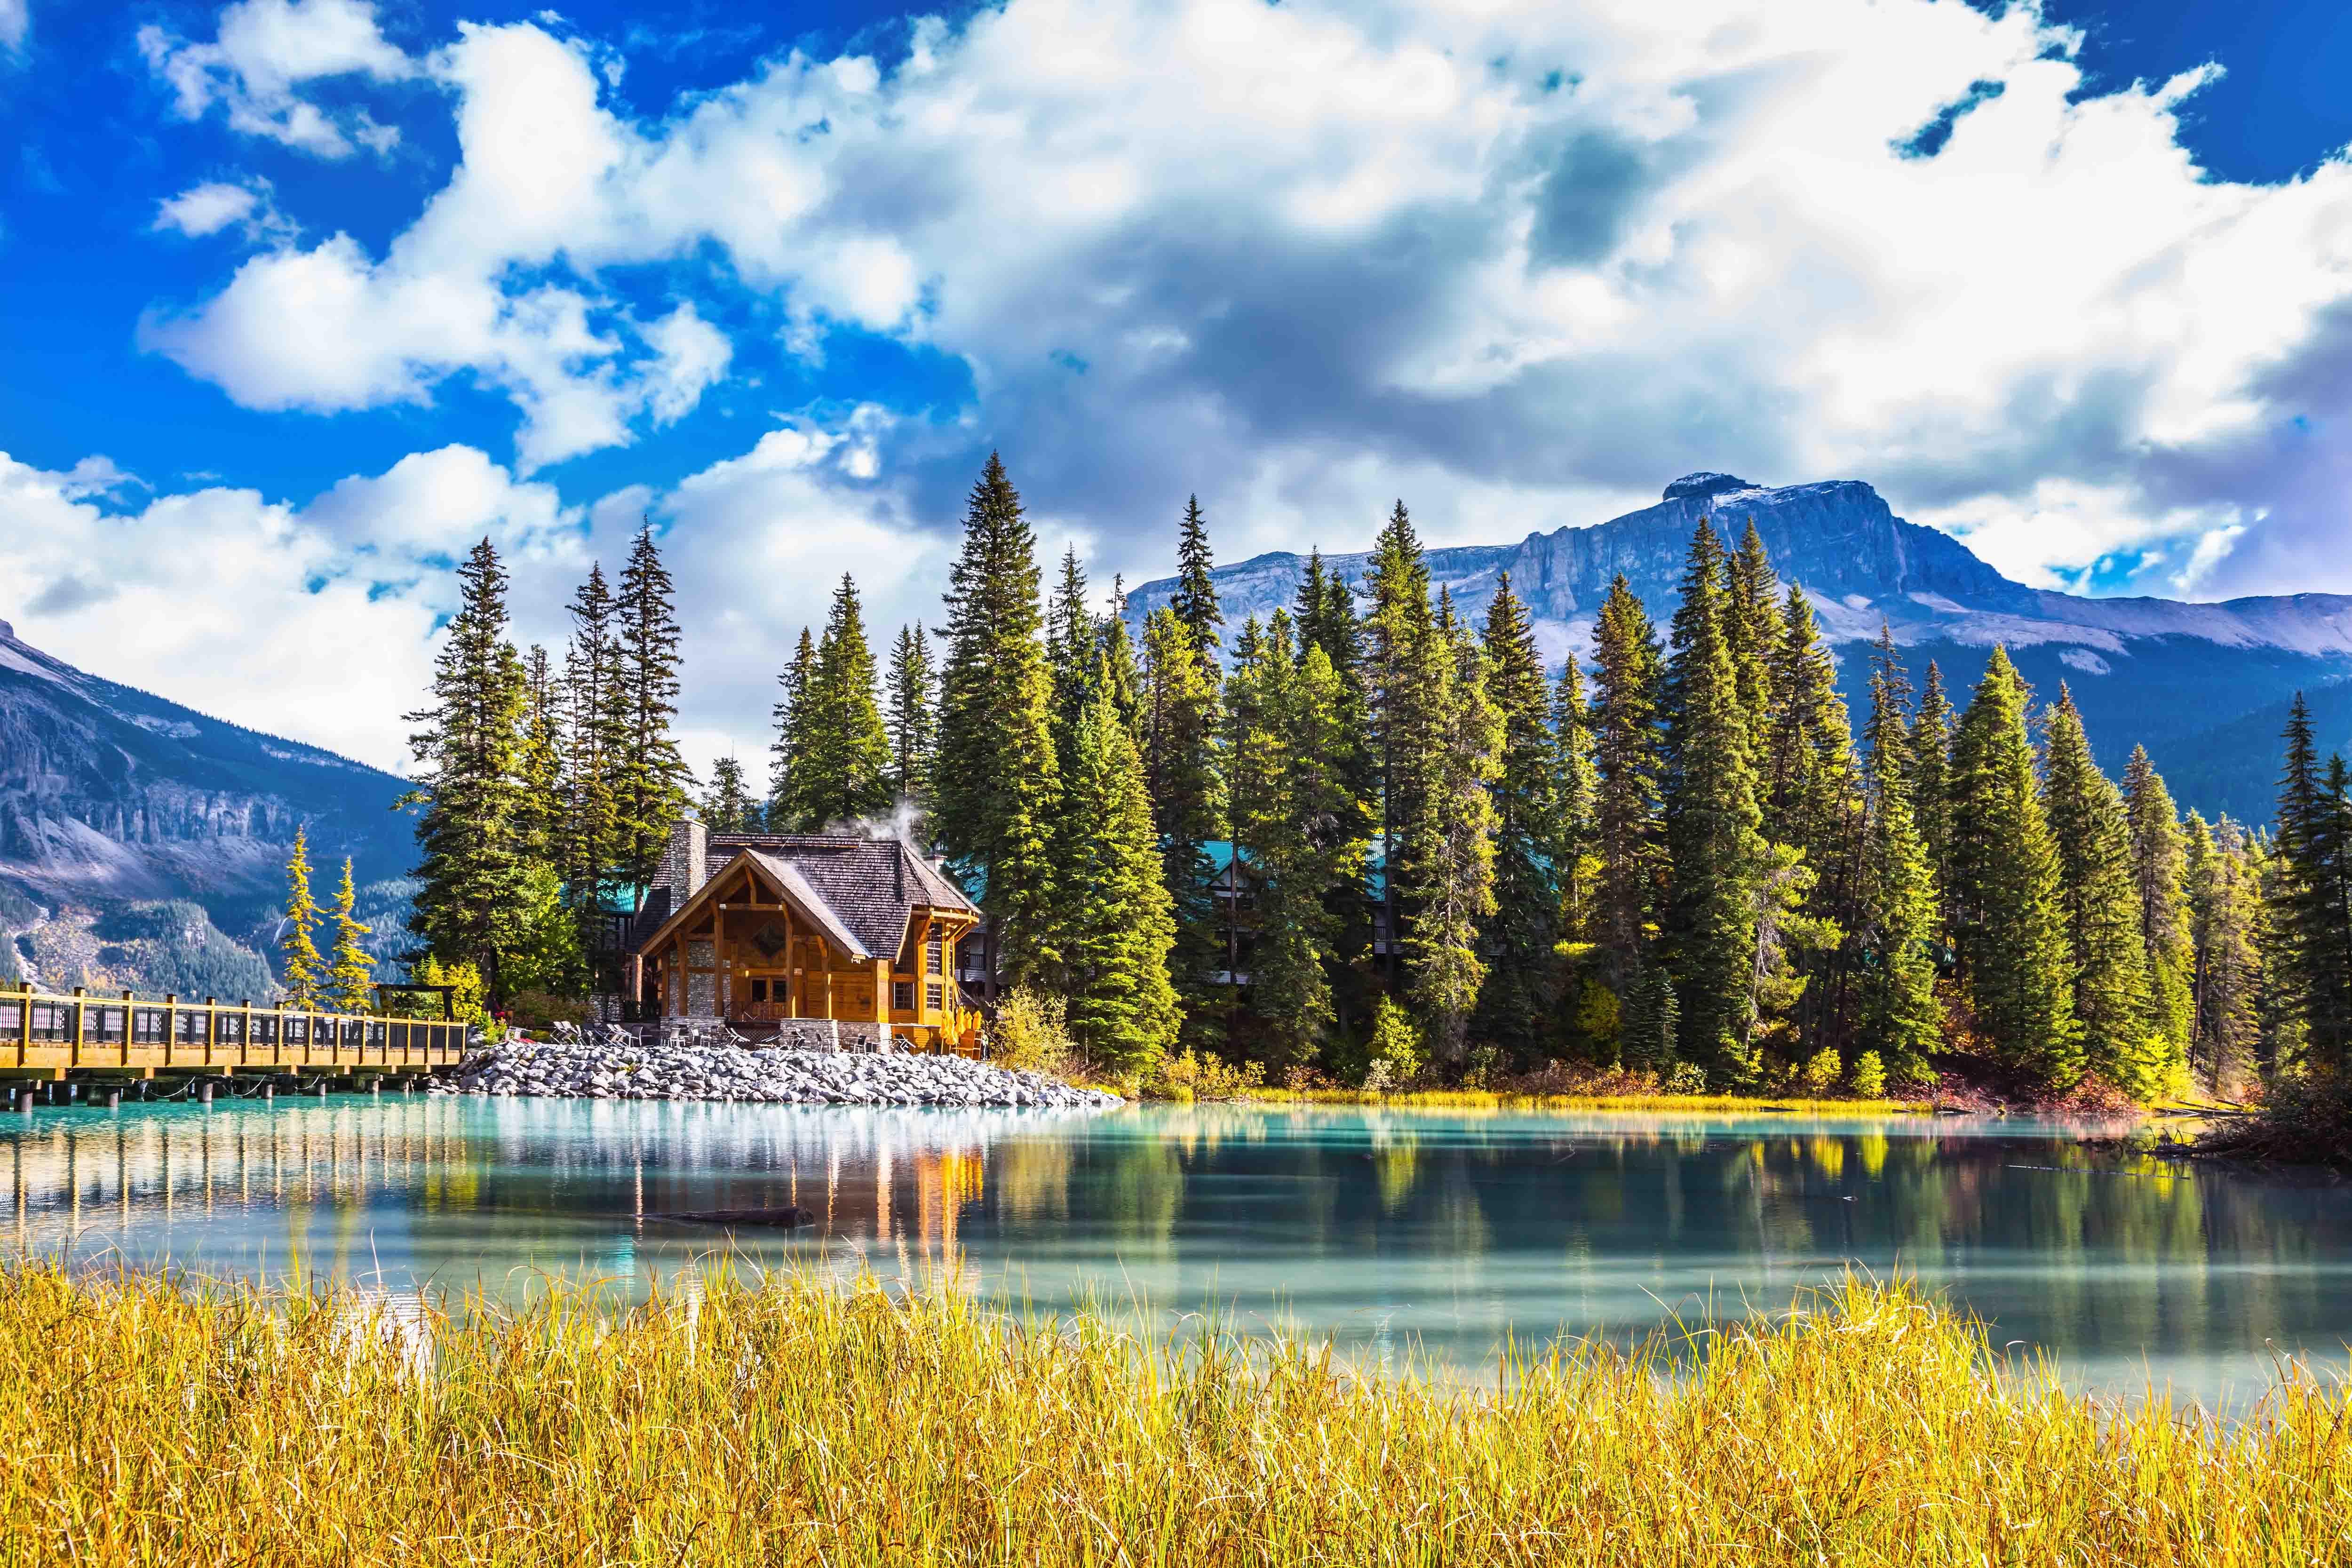 F0602052SSK_530296375 Yoho国家公园,加拿大 Yoho National Park, Canada.jpg